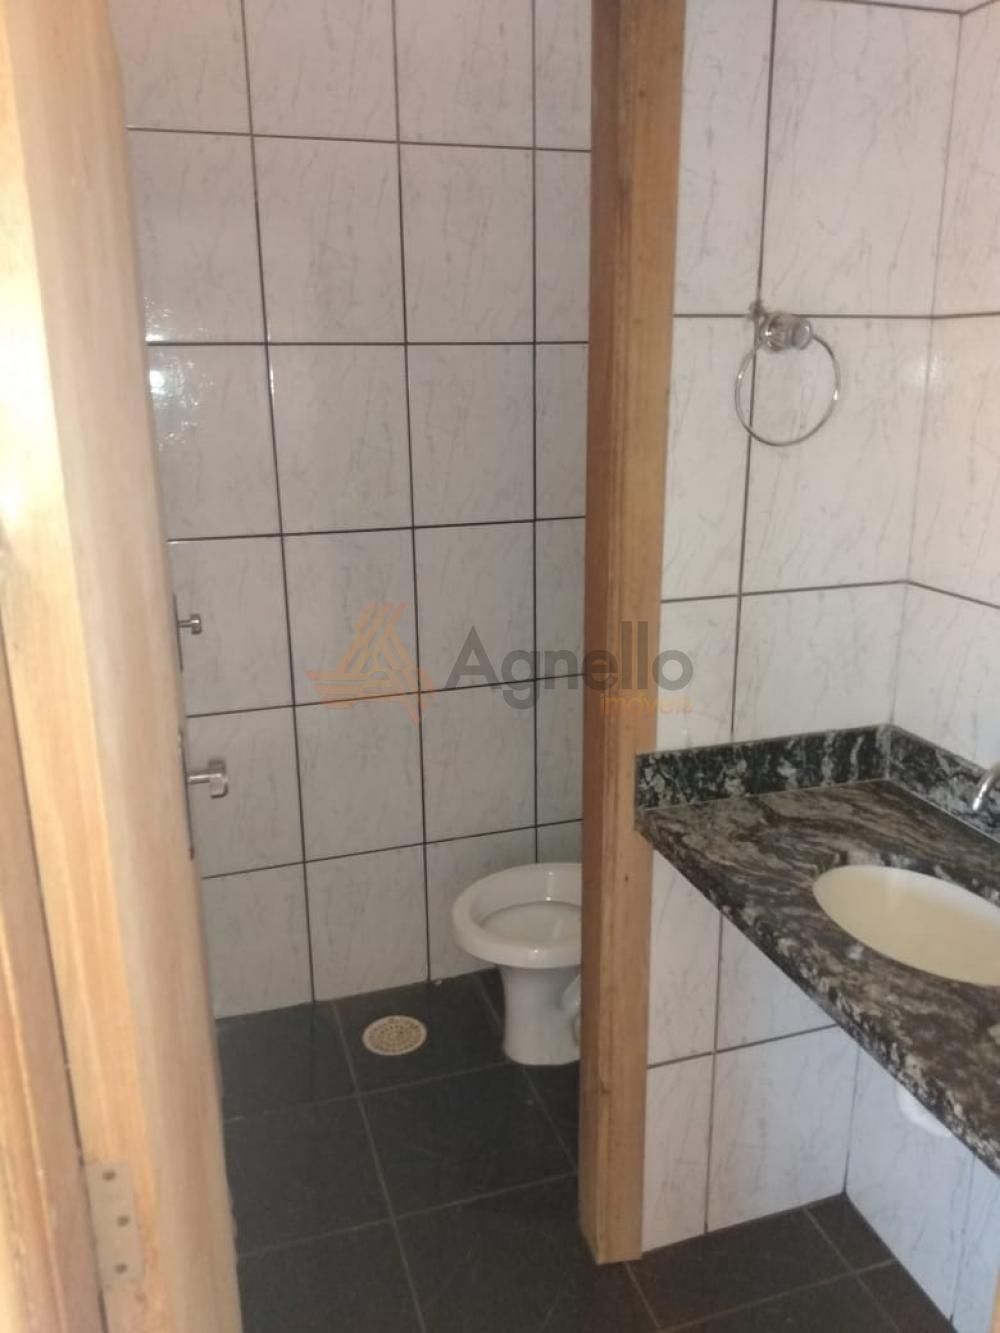 Comprar Casa / Chácara em Franca R$ 2.100.000,00 - Foto 42